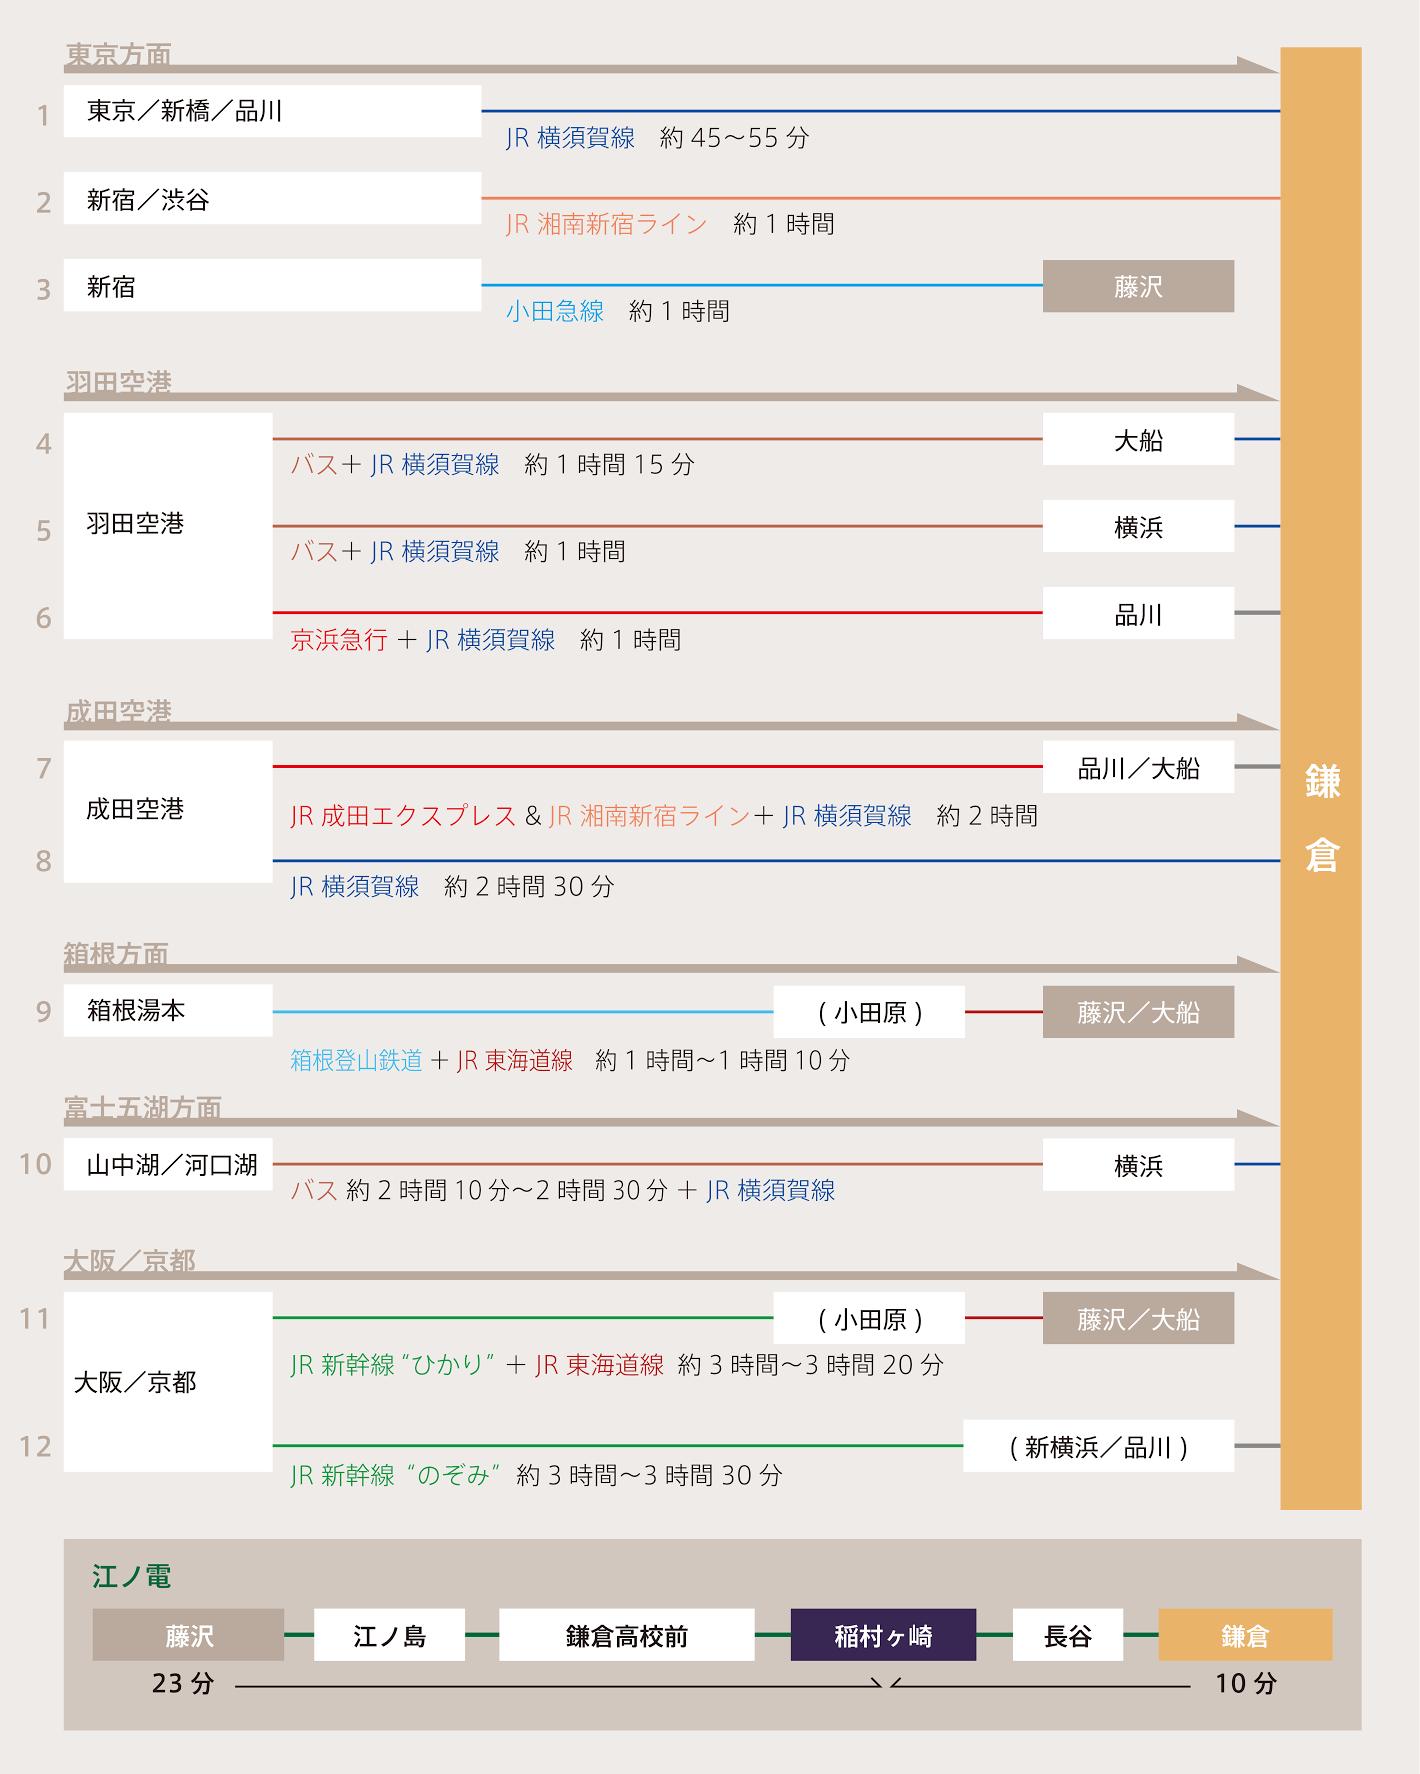 鎌倉へのアクセス